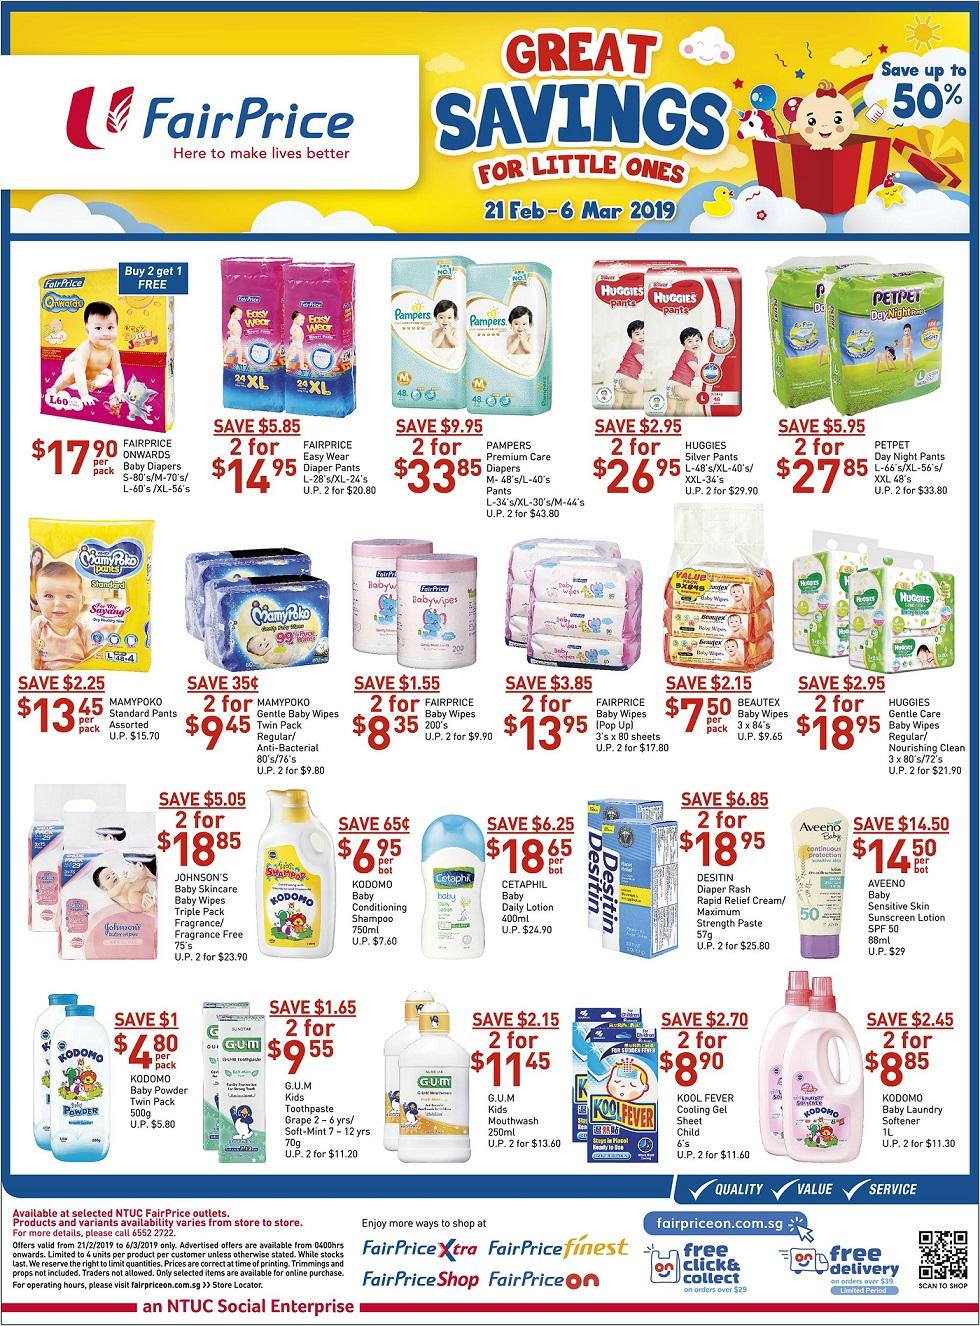 新加坡玩具促销